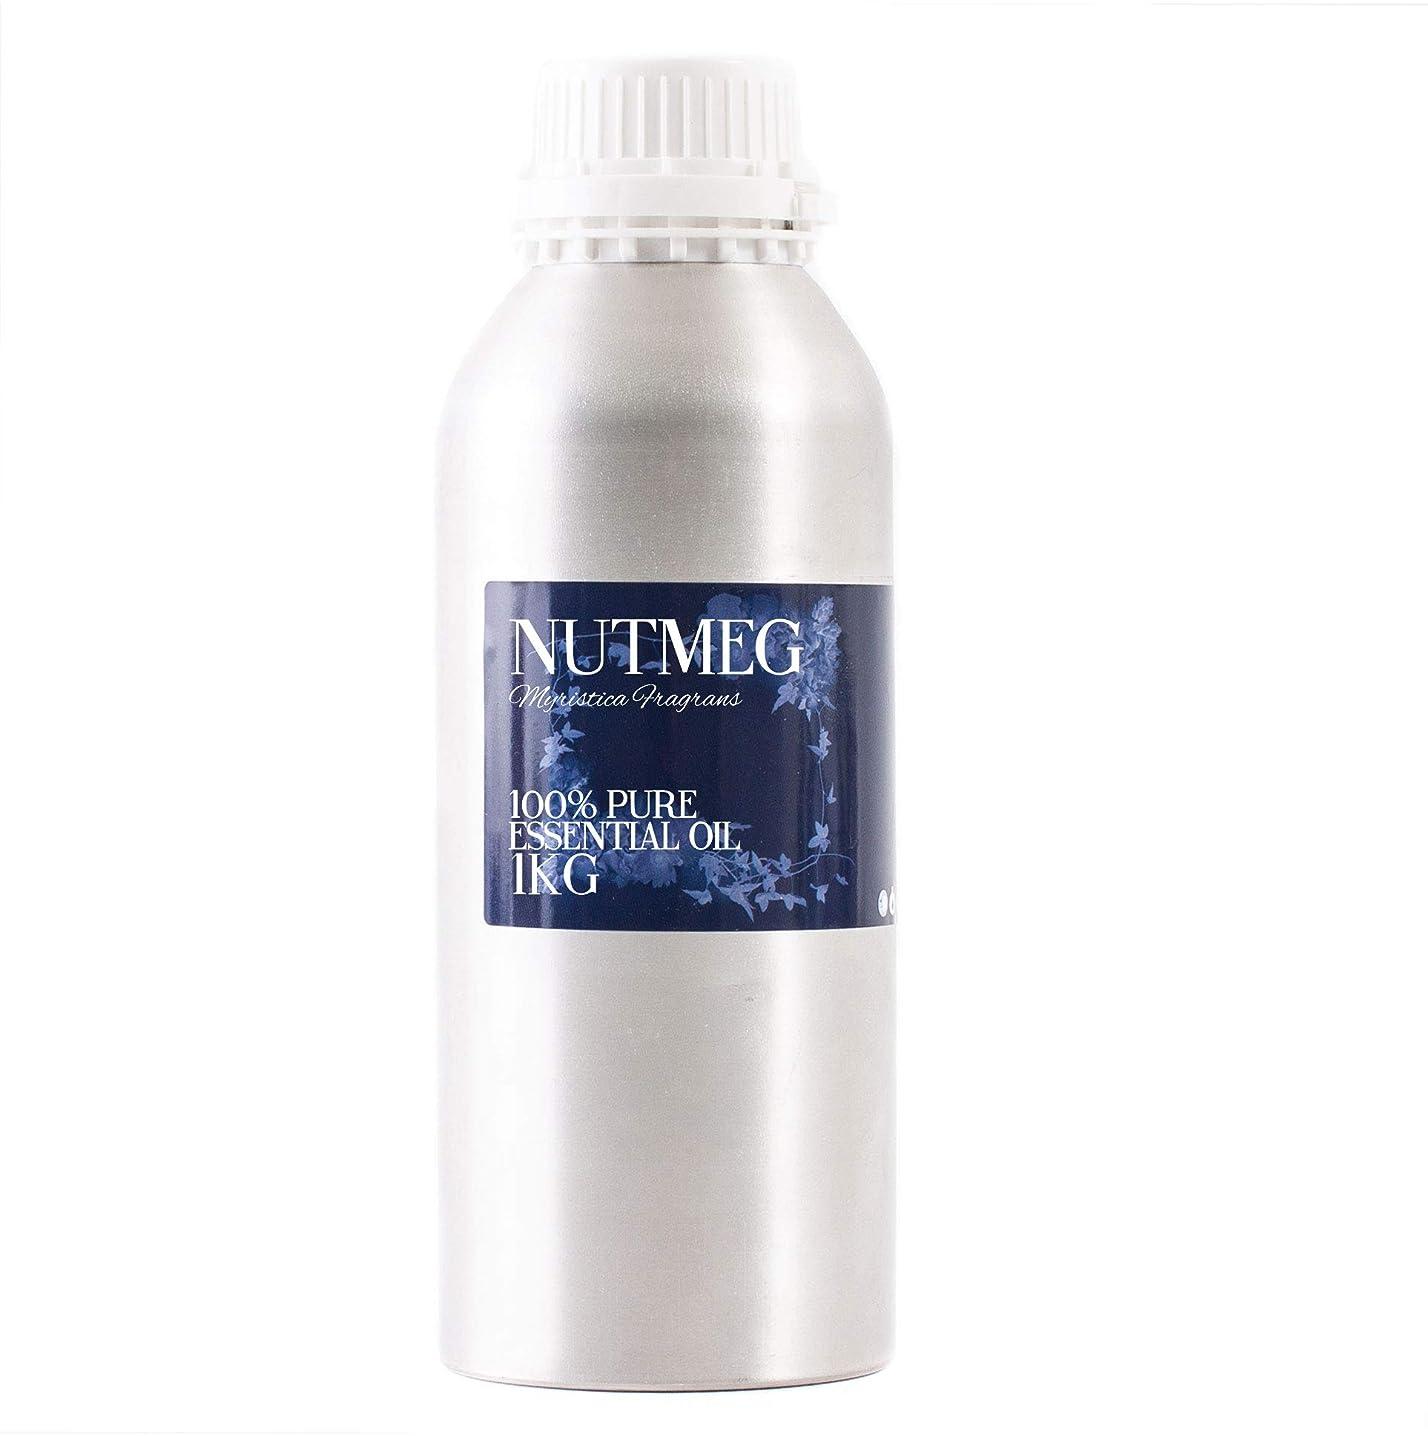 置くためにパックペッカディロパントリーMystic Moments | Nutmeg Essential Oil - 1Kg - 100% Pure